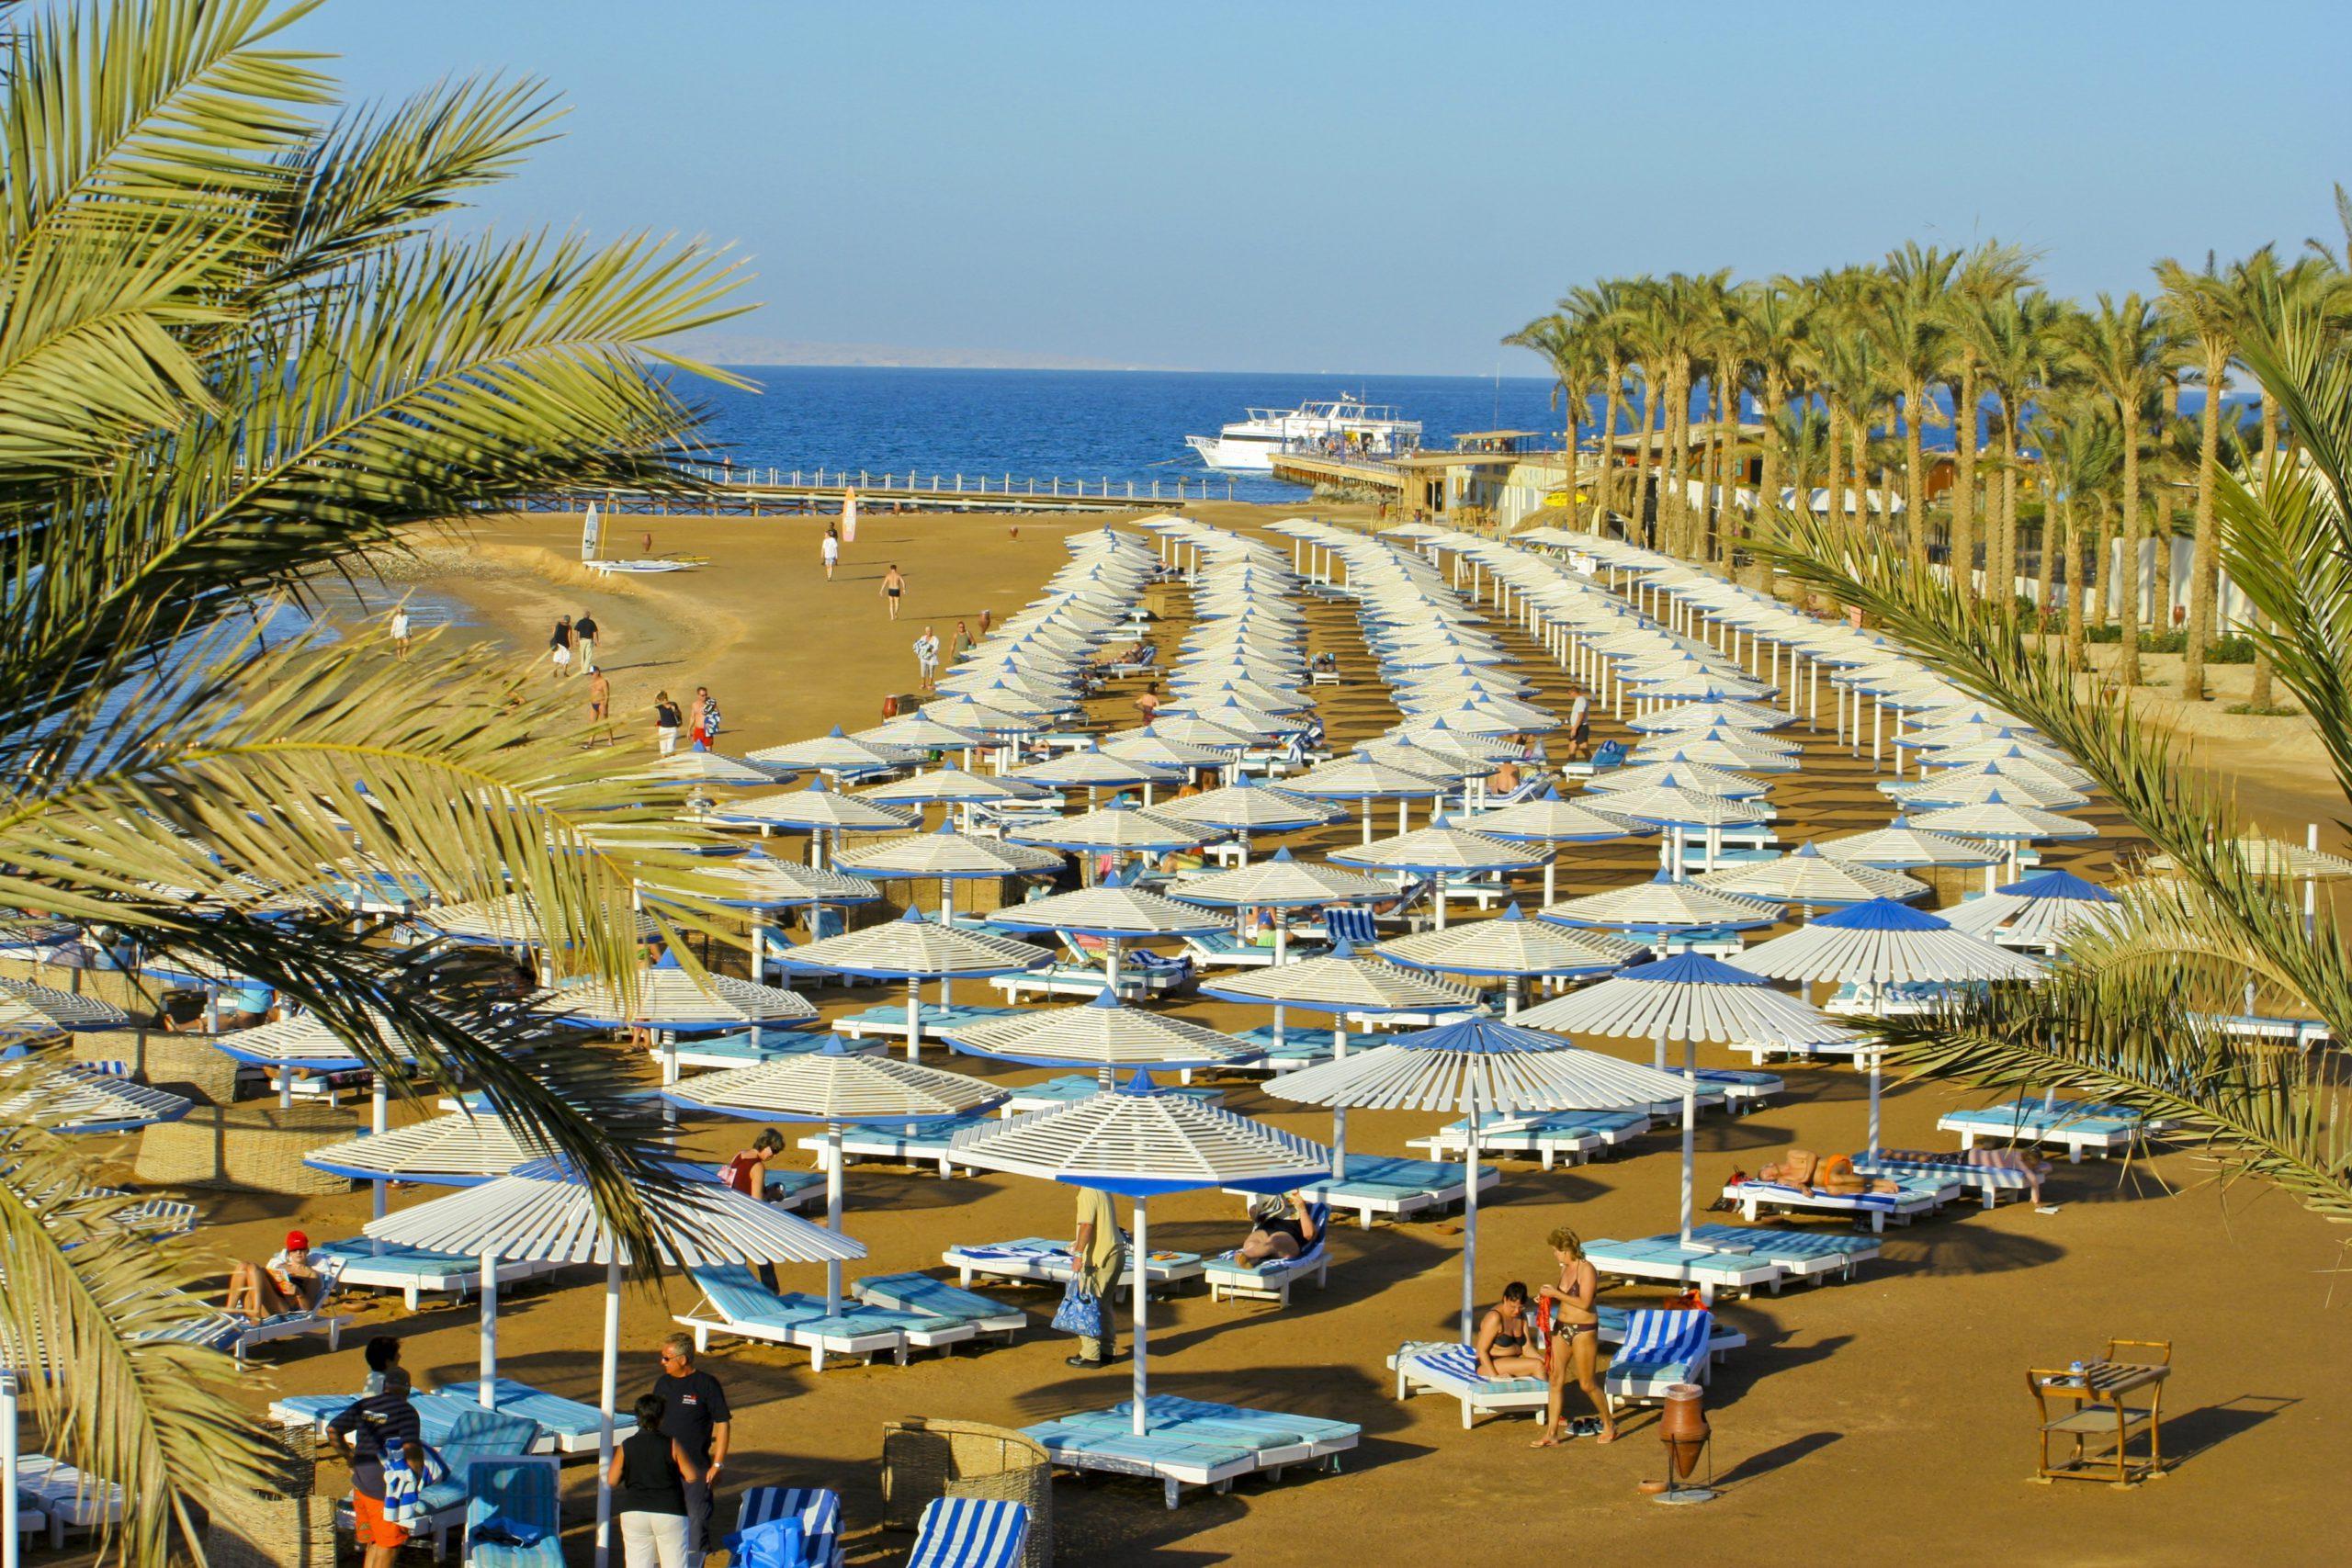 Фото пляжа в Турции в апреле